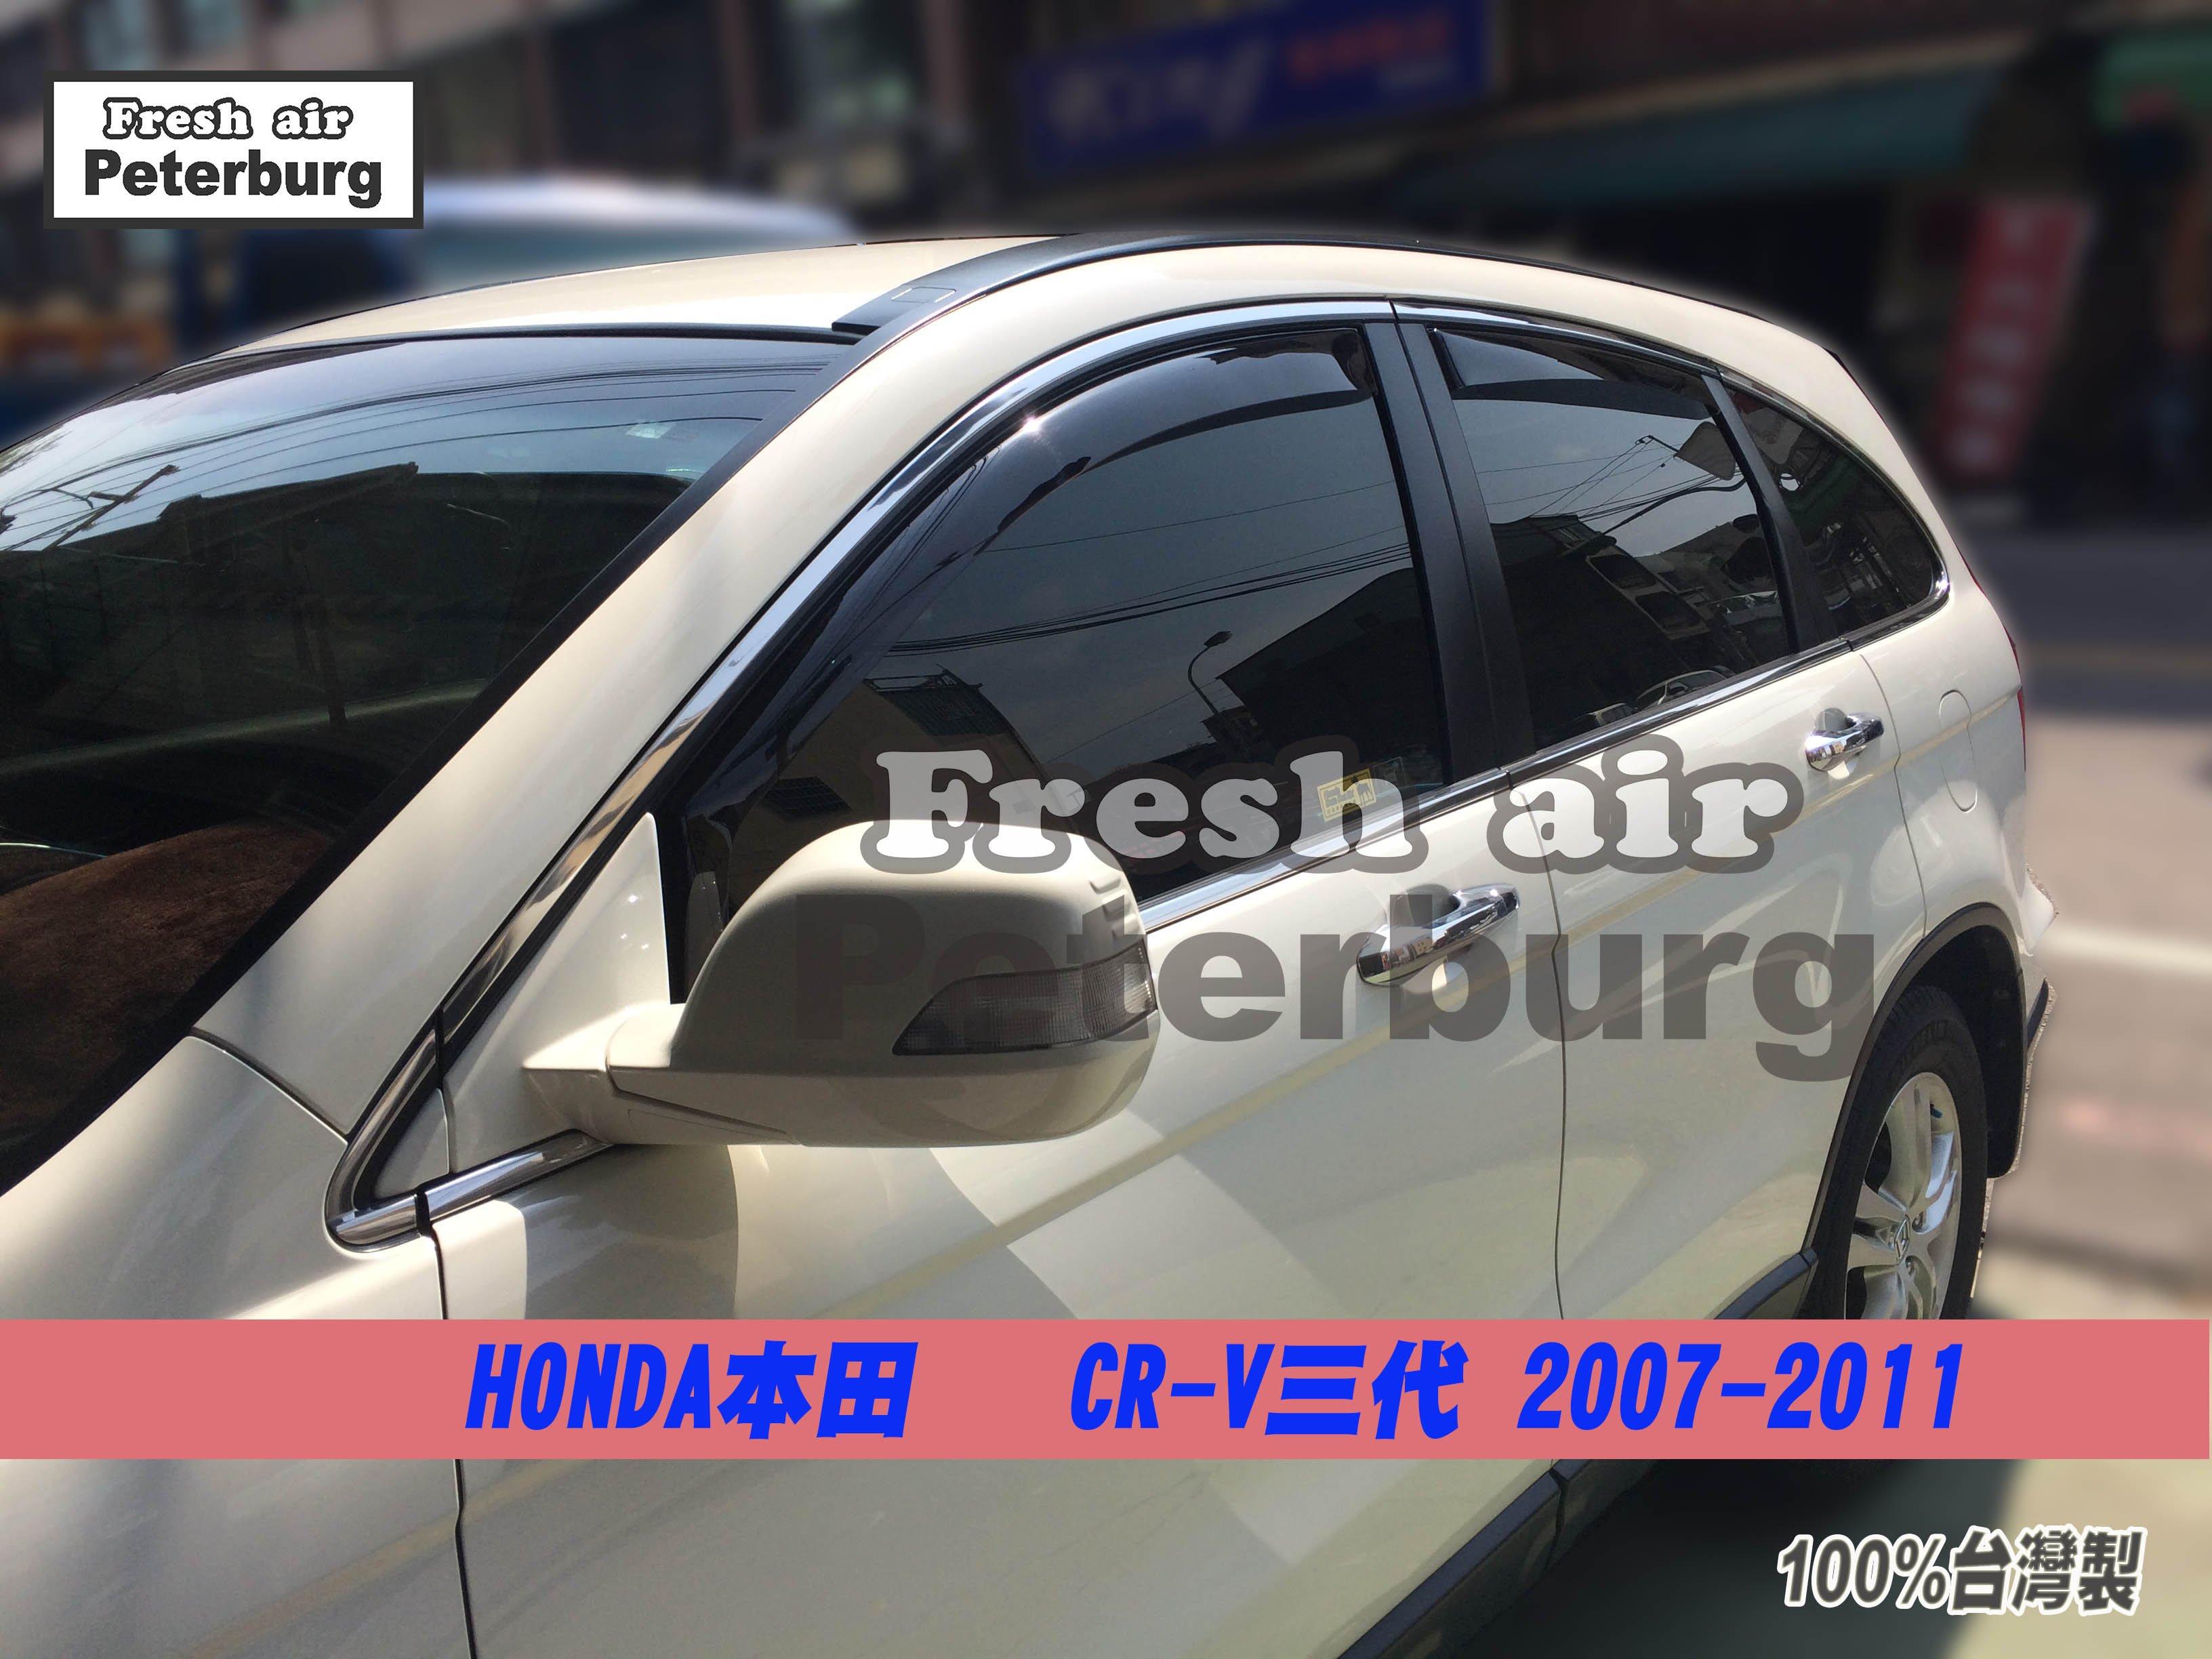 比德堡崁入式晴雨窗  本田Honda CR-V 2007-2011年 三代專用 (前窗兩片價)